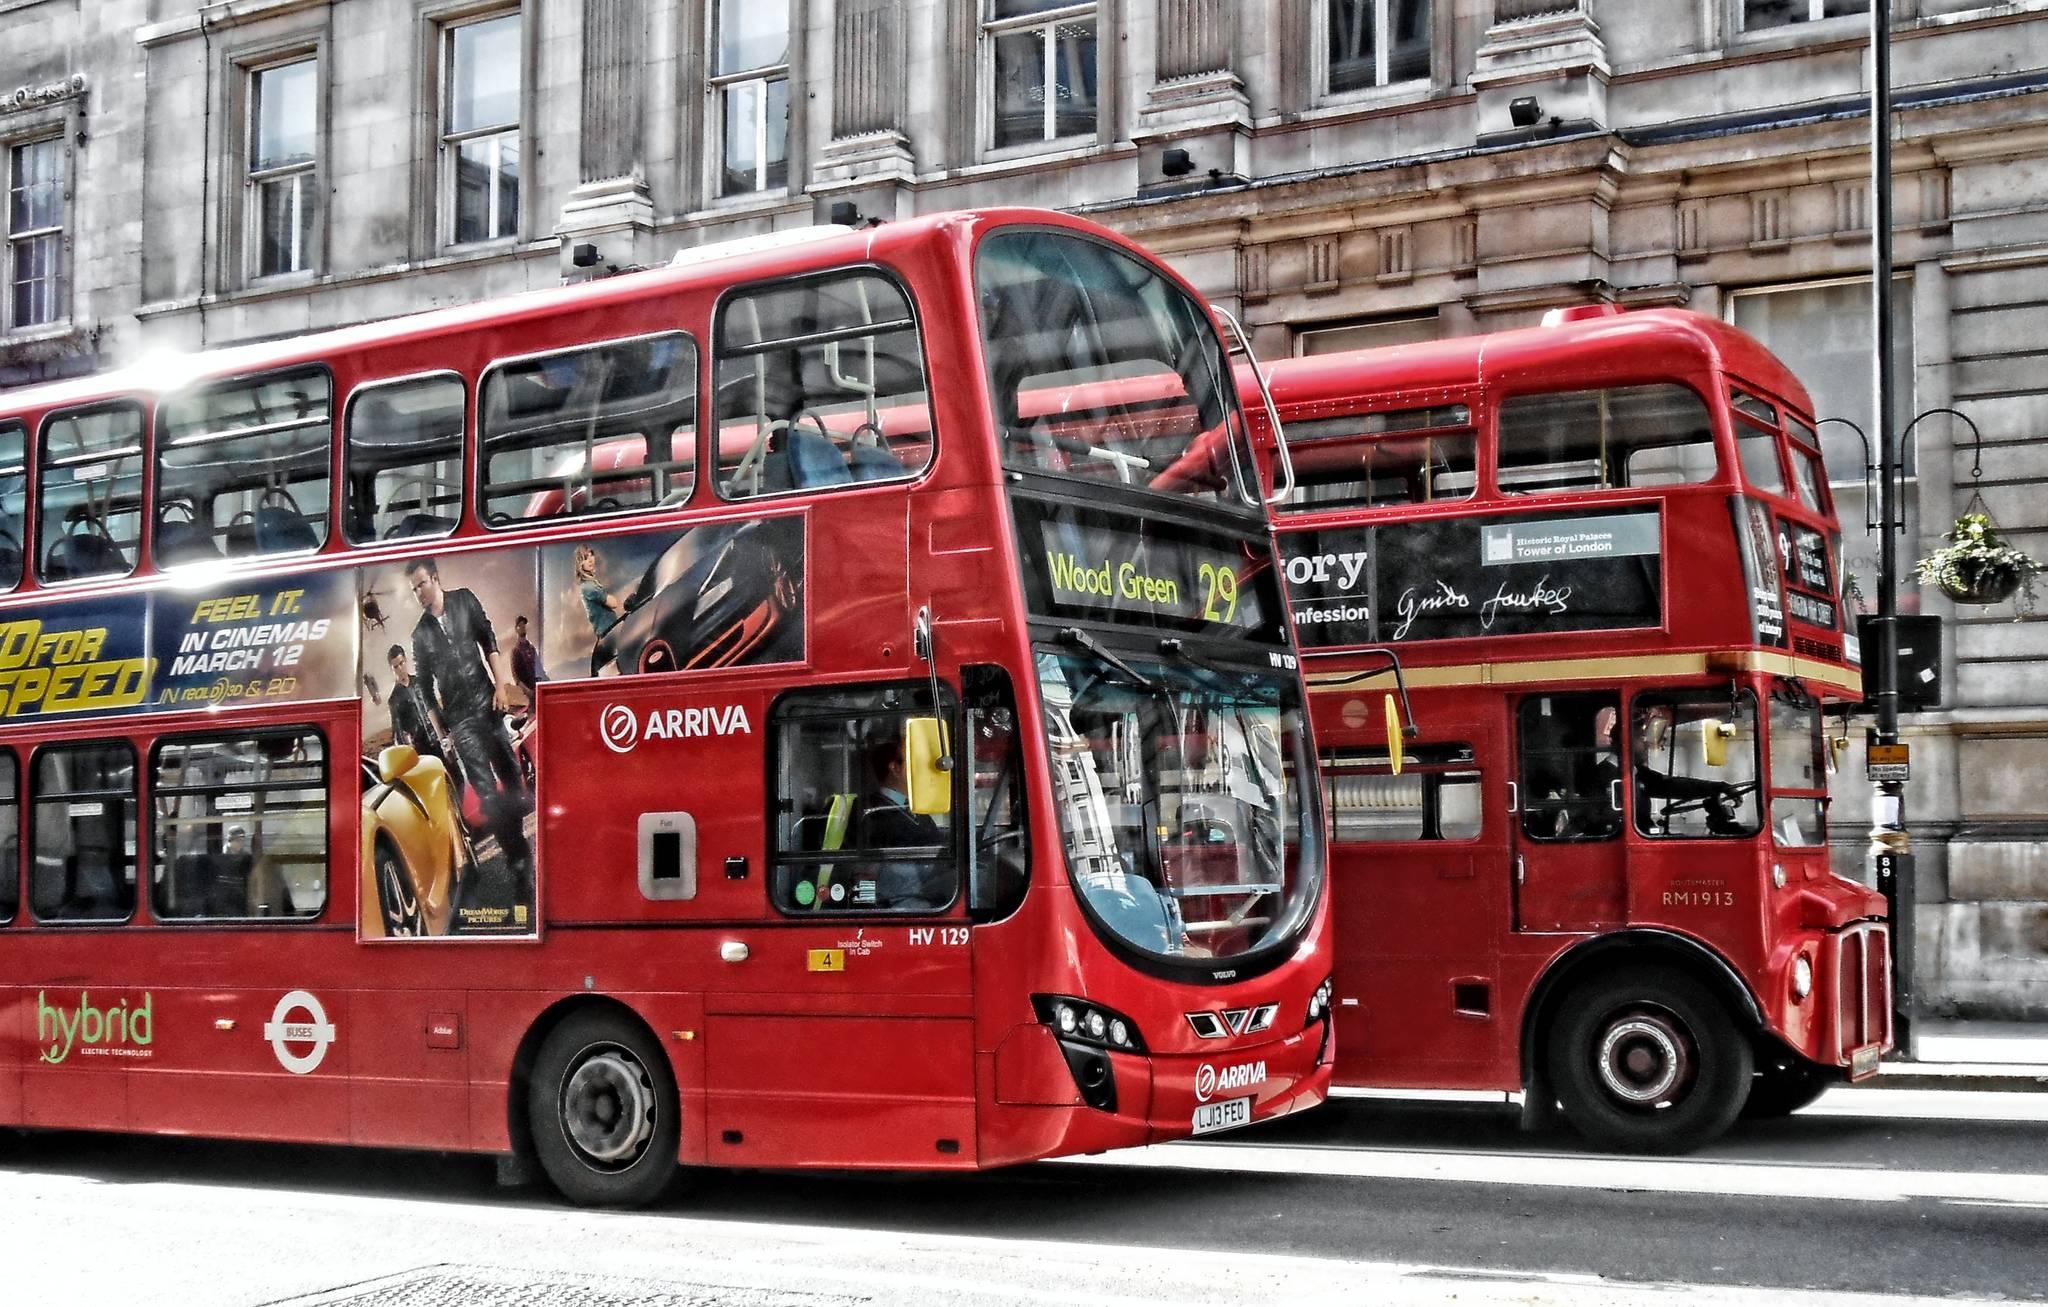 Londres por poco dinero